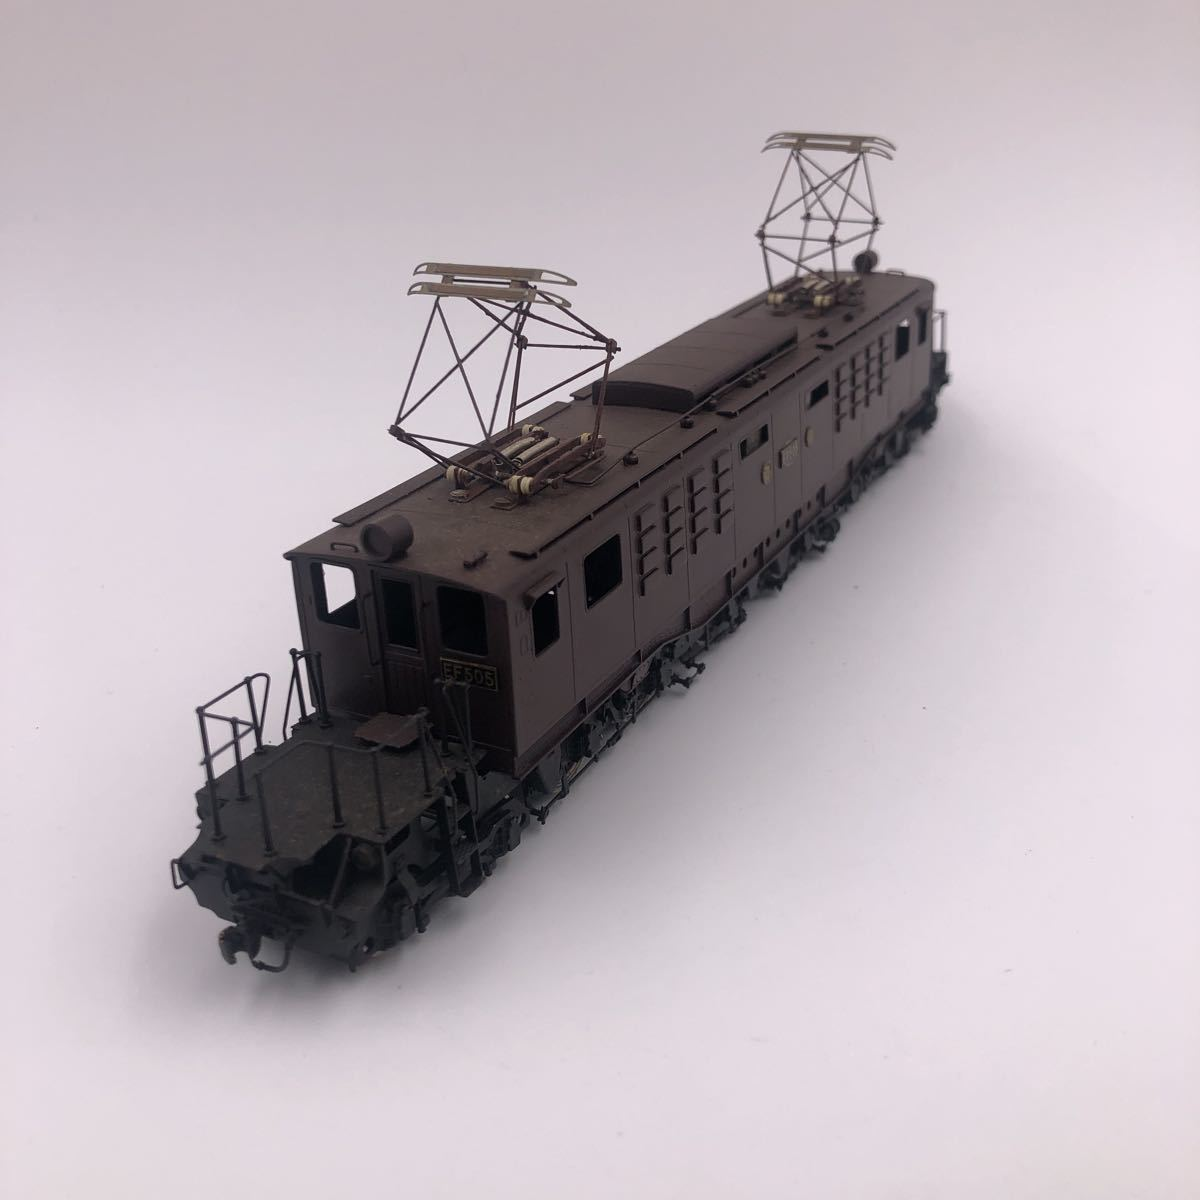 ピノチオ 国鉄 EF50 直流電気機関車 HOゲージ_画像4